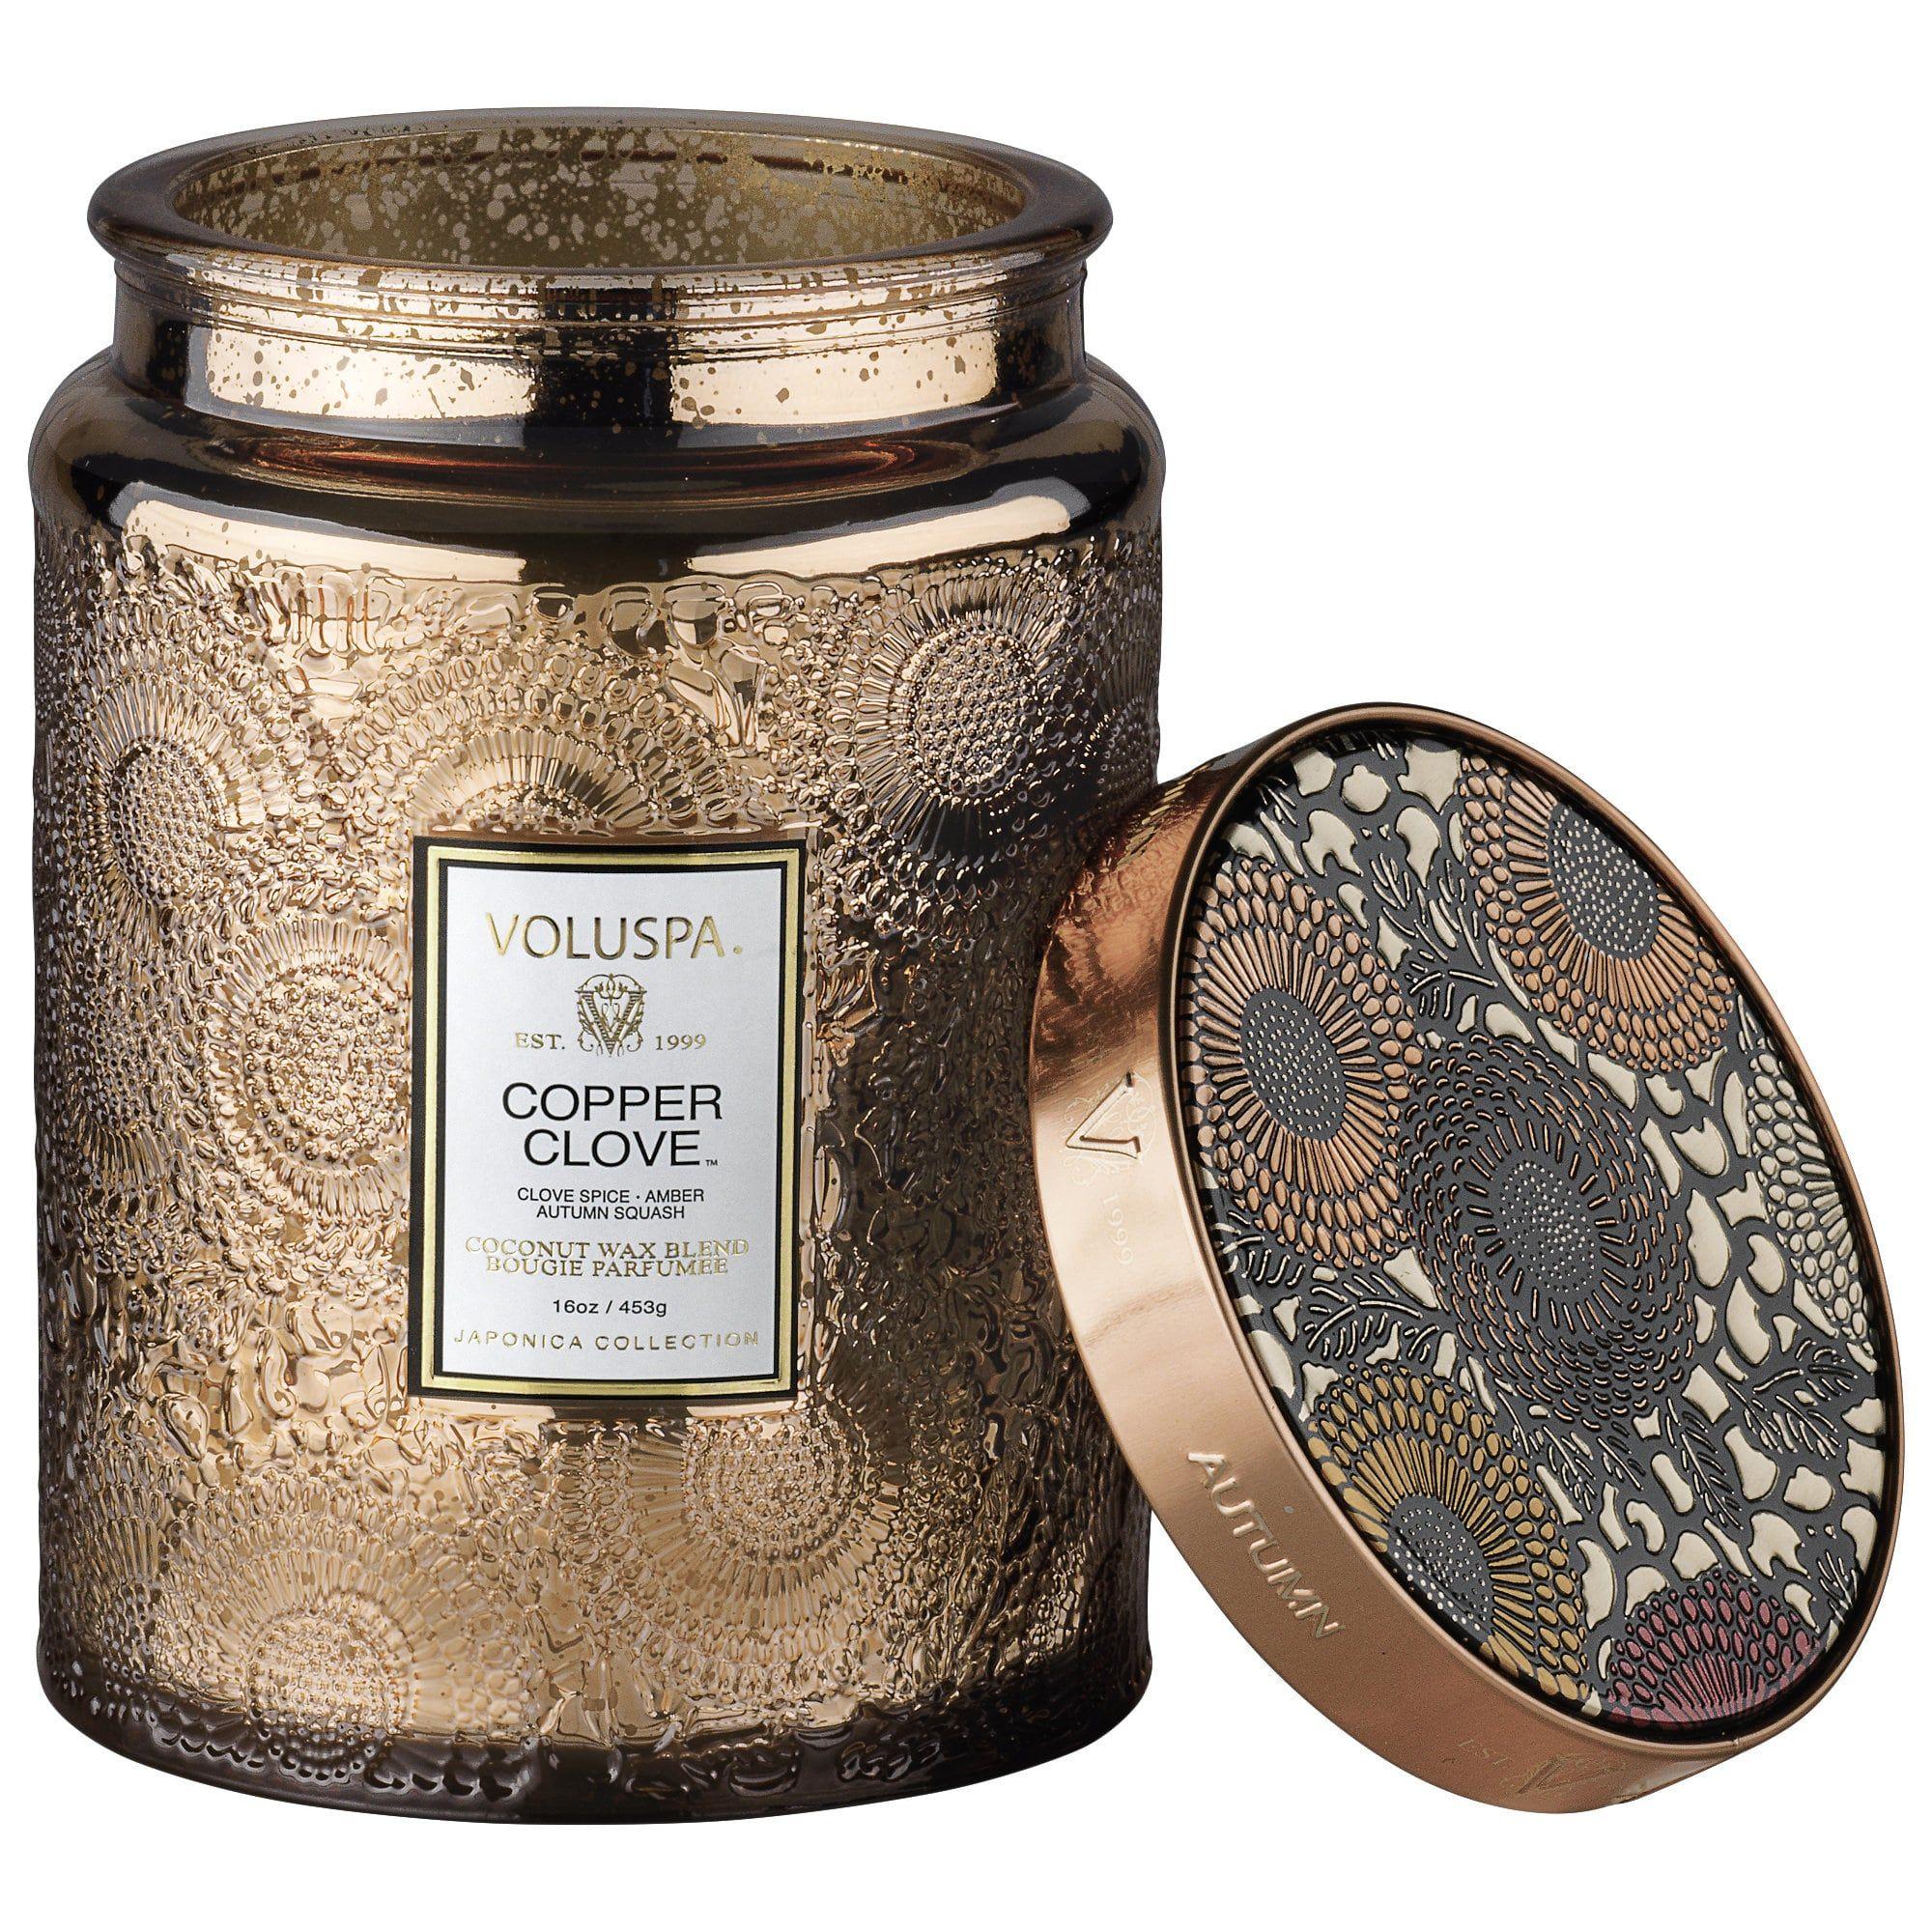 VOLUSPA Copper Clove Large Glass Jar 16 oz/ 453 g | Candle jars, Glass jar  candles, Large glass jars